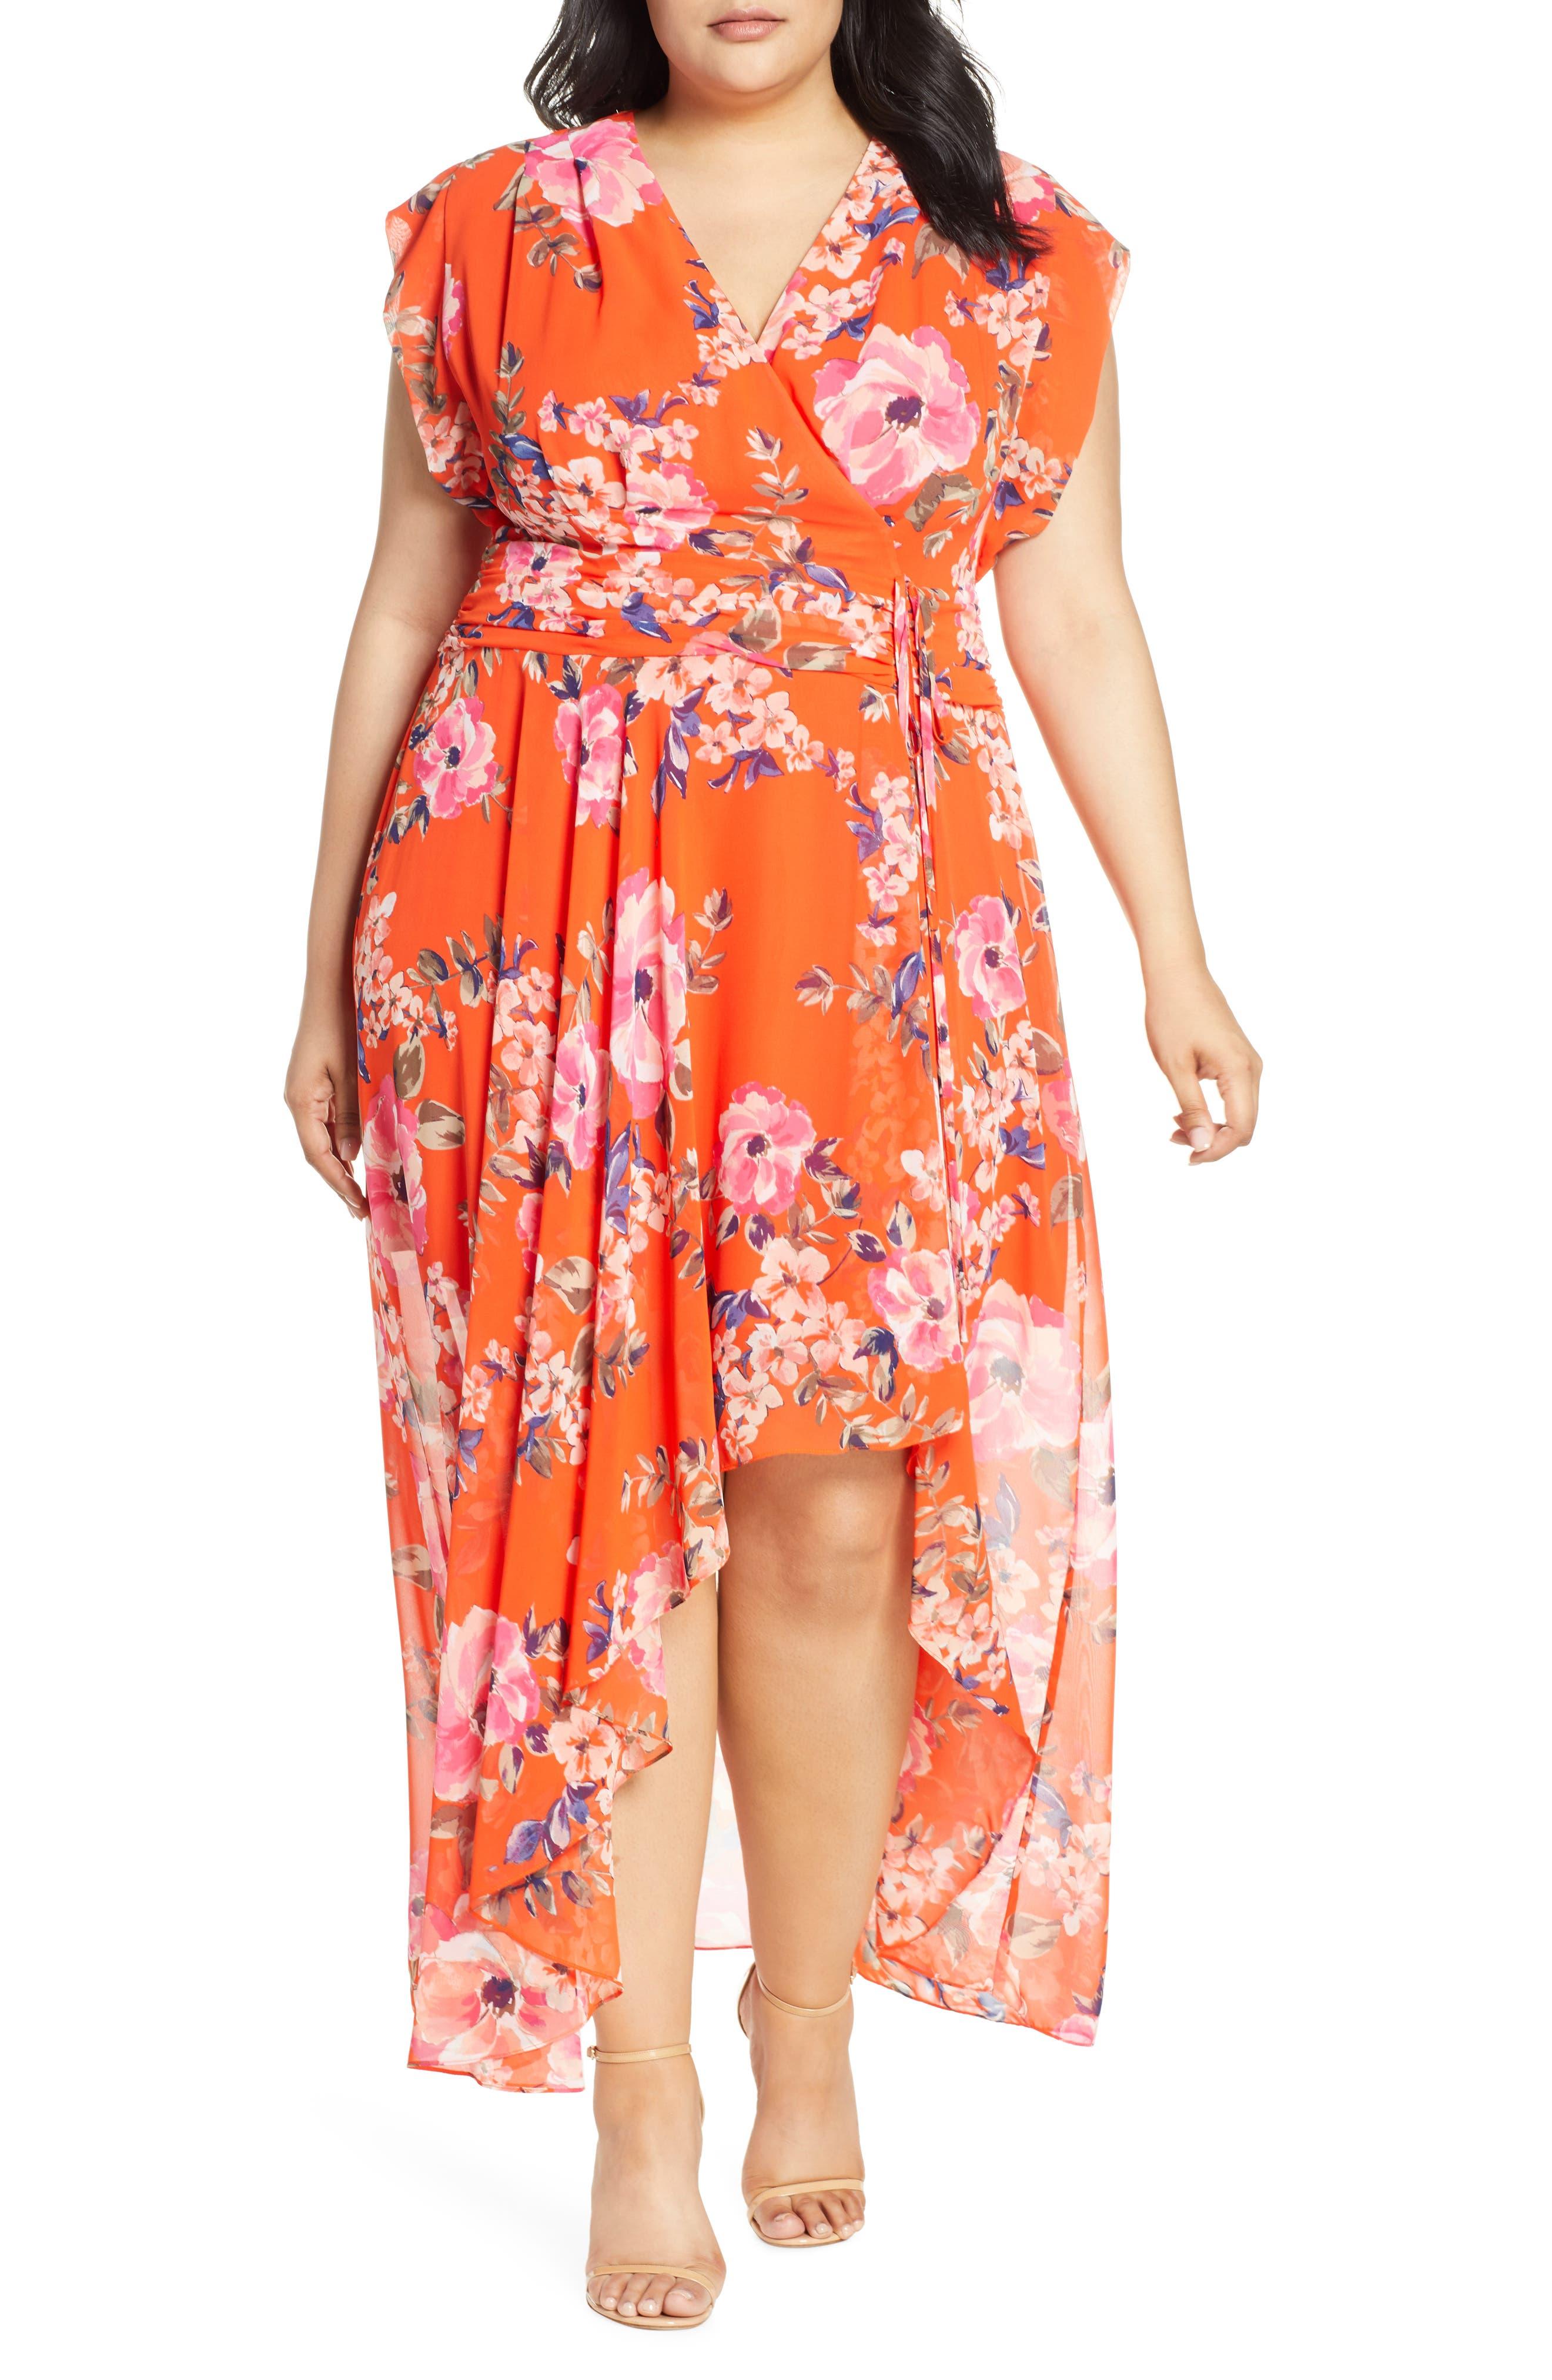 Plus Size Eliza J Floral Print Chiffon High/low Dress, Orange